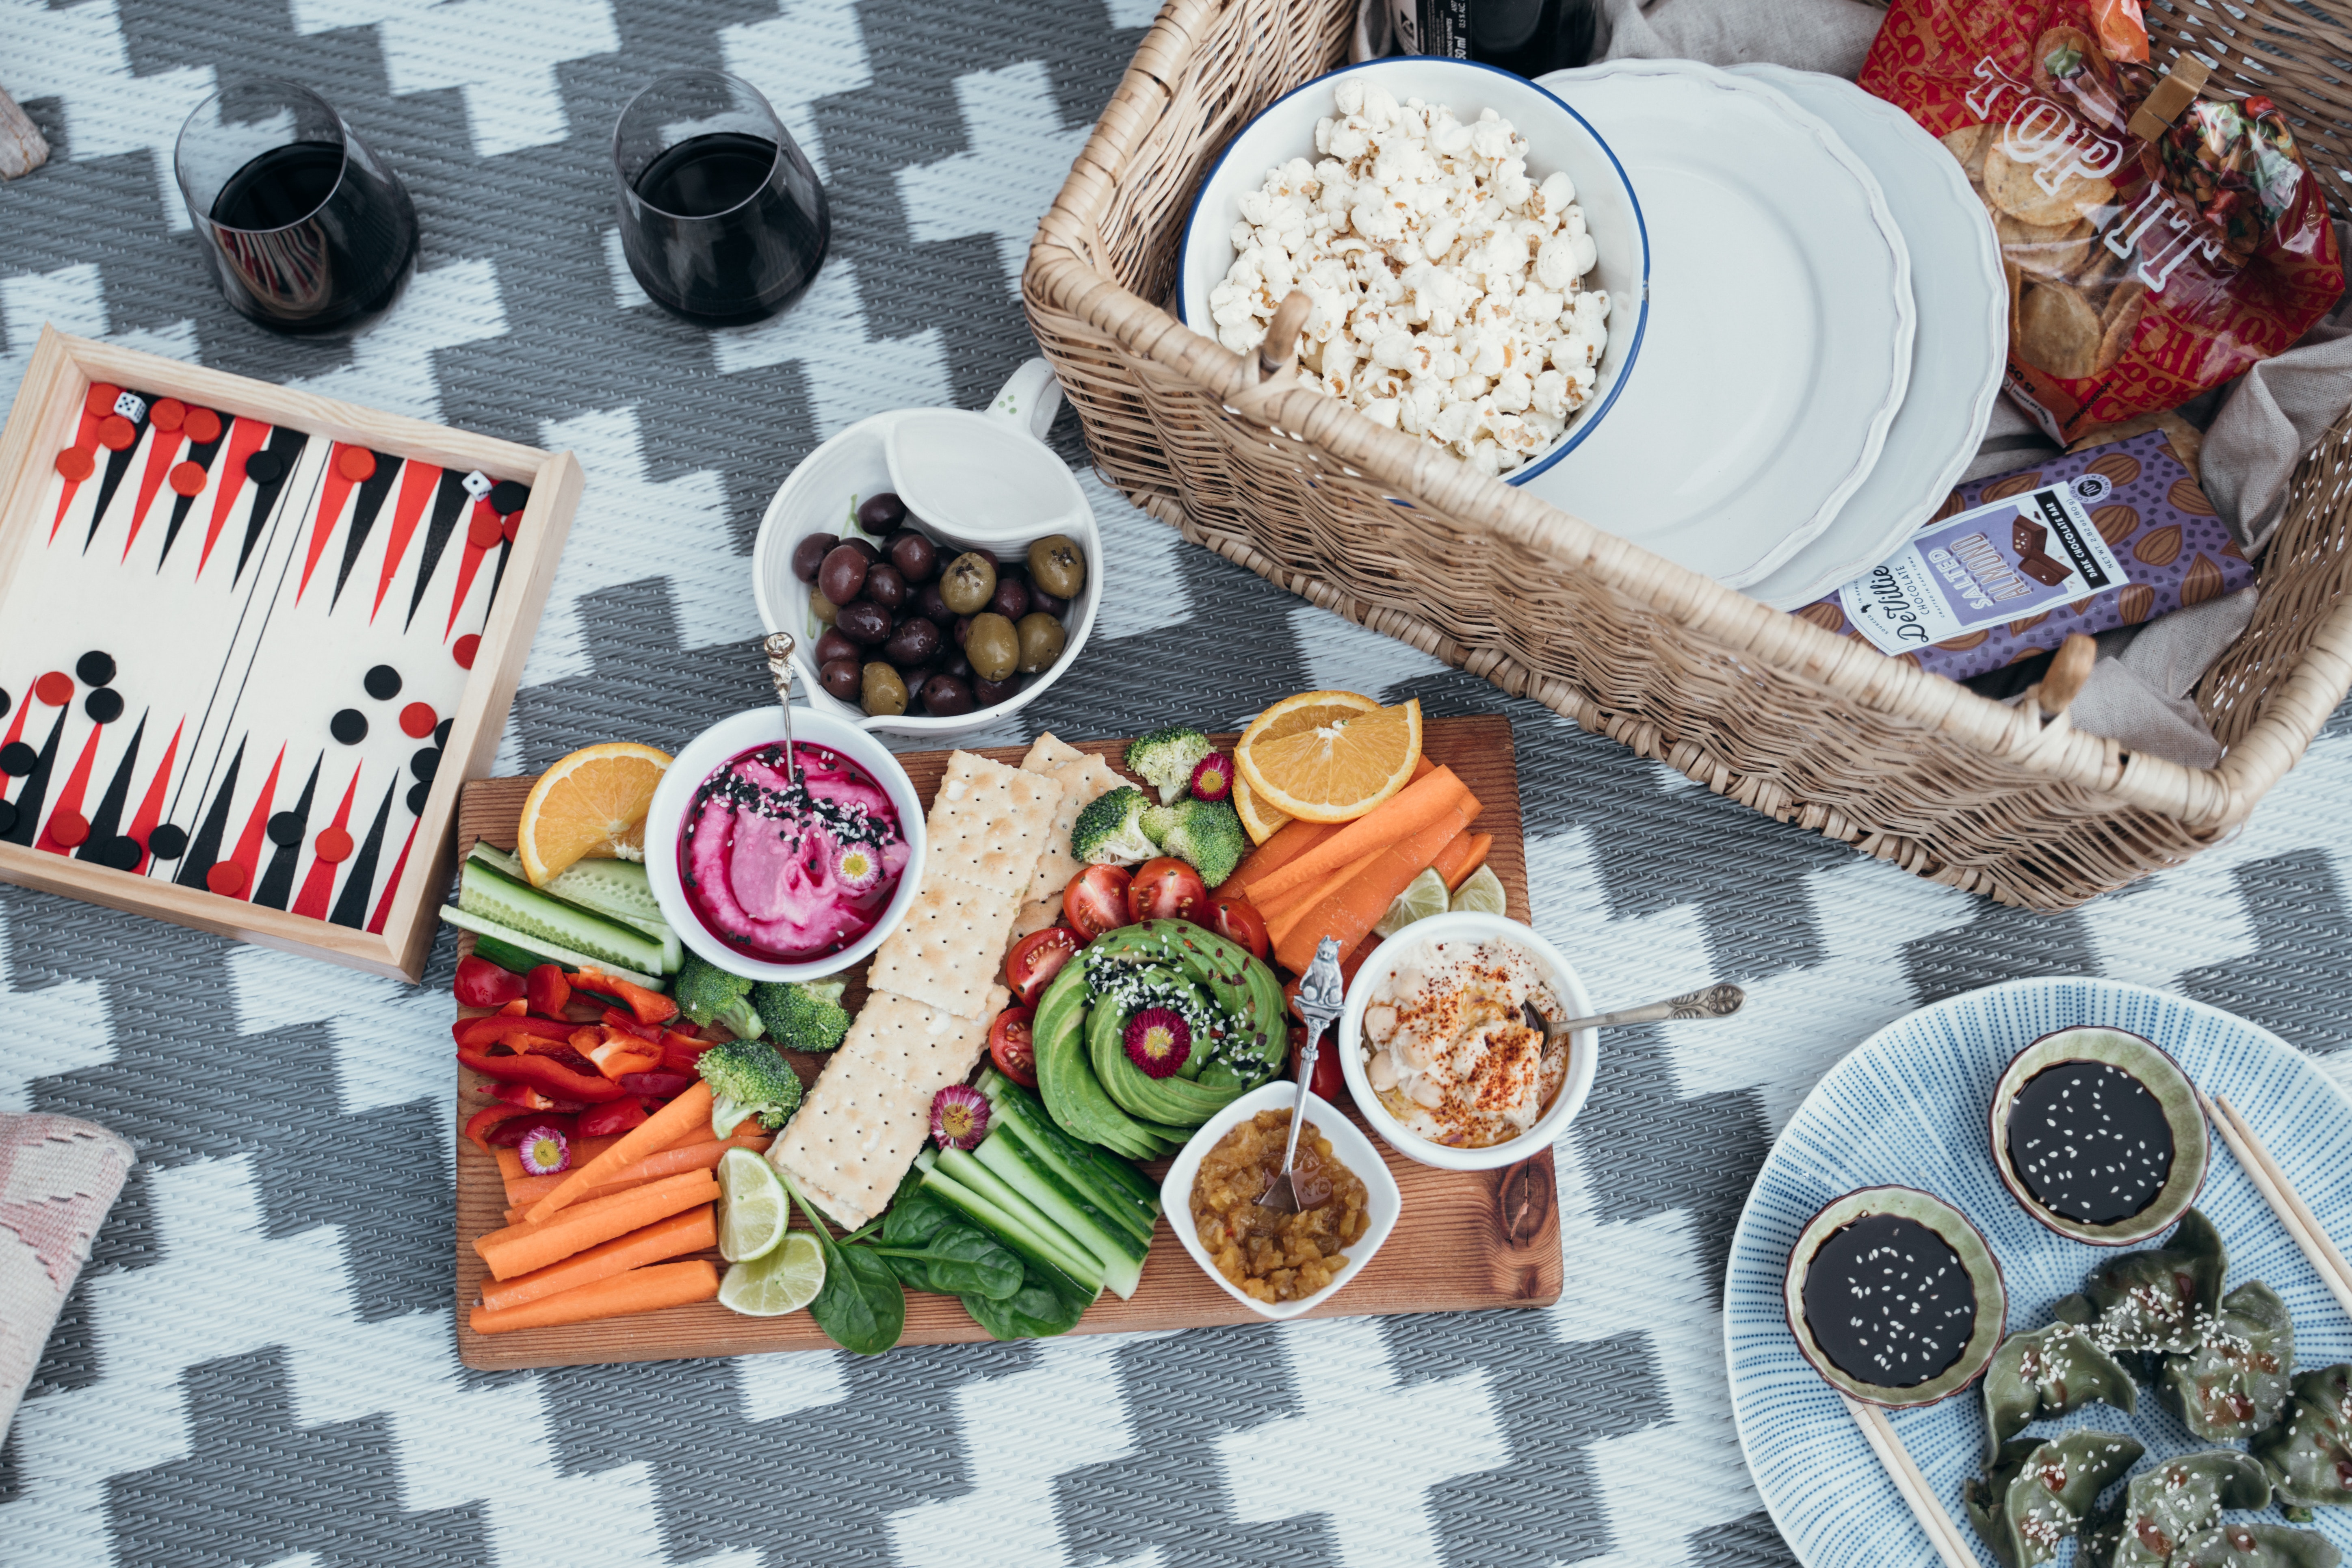 Leckere Snacks fürs Picknick im Grünen